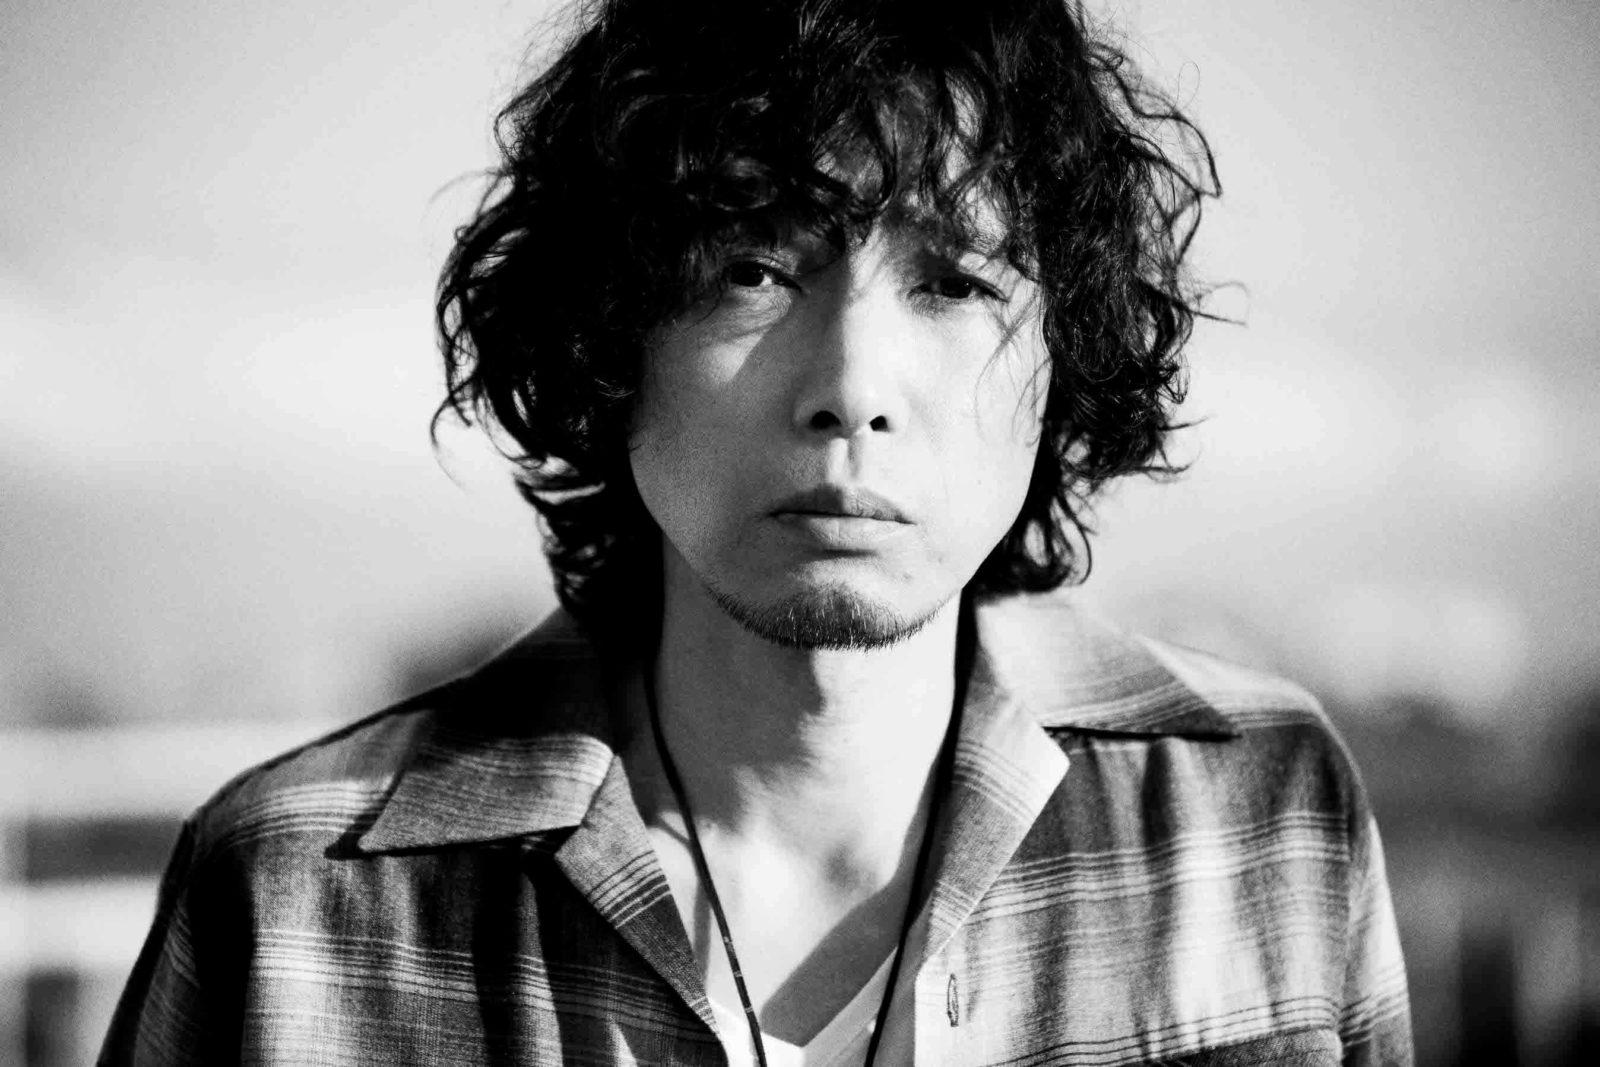 斉藤和義、新曲「アレ」 北川景子主演ドラマ主題歌、1月4日より先行配信スタートサムネイル画像